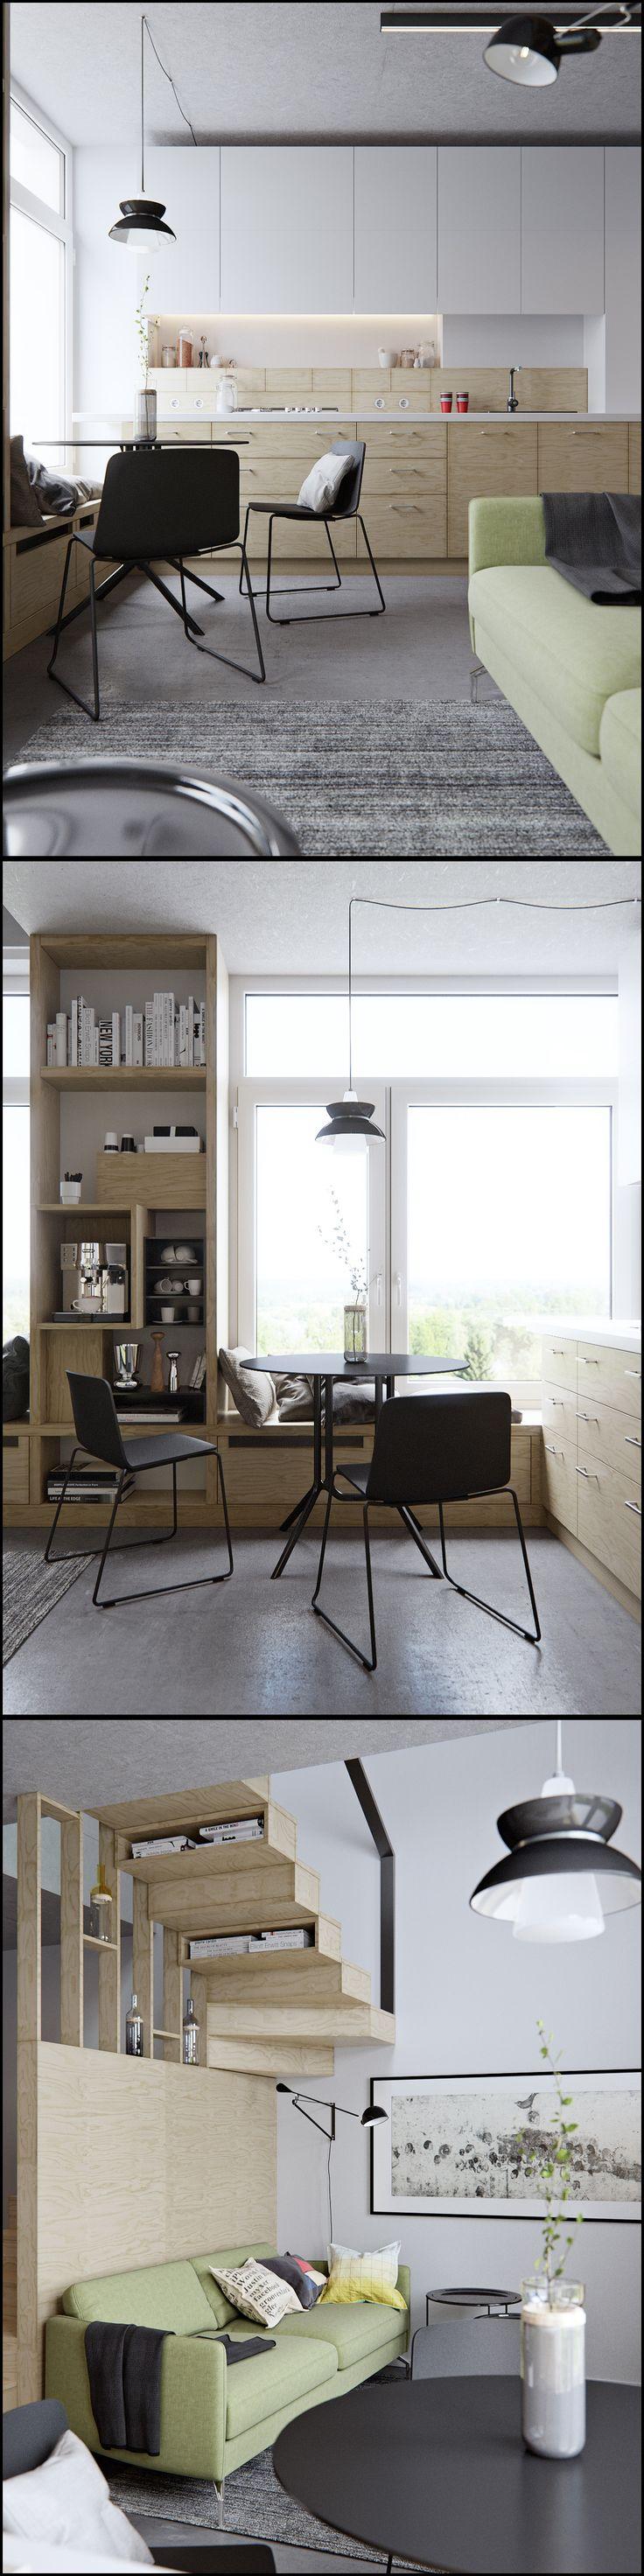 Лестница...Гостиная студия в двухуровневой квартире площадью 40 кв м - Галерея 3ddd.ru